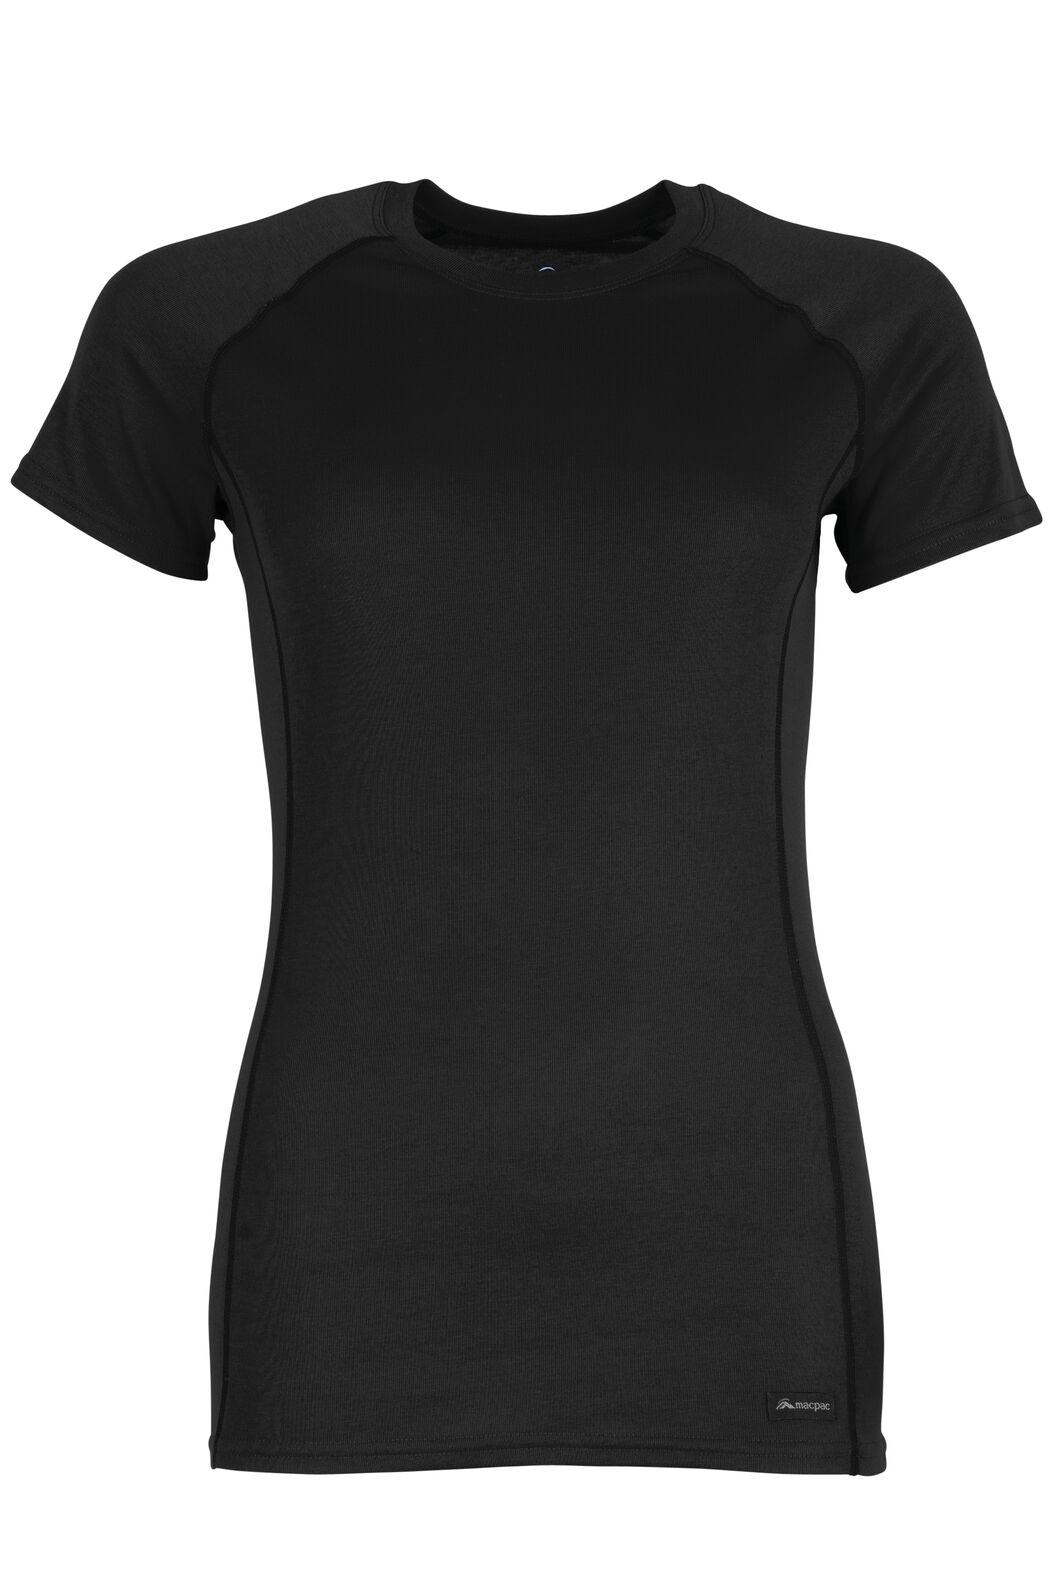 Geothermal Short Sleeve Top - Women's, Black, hi-res